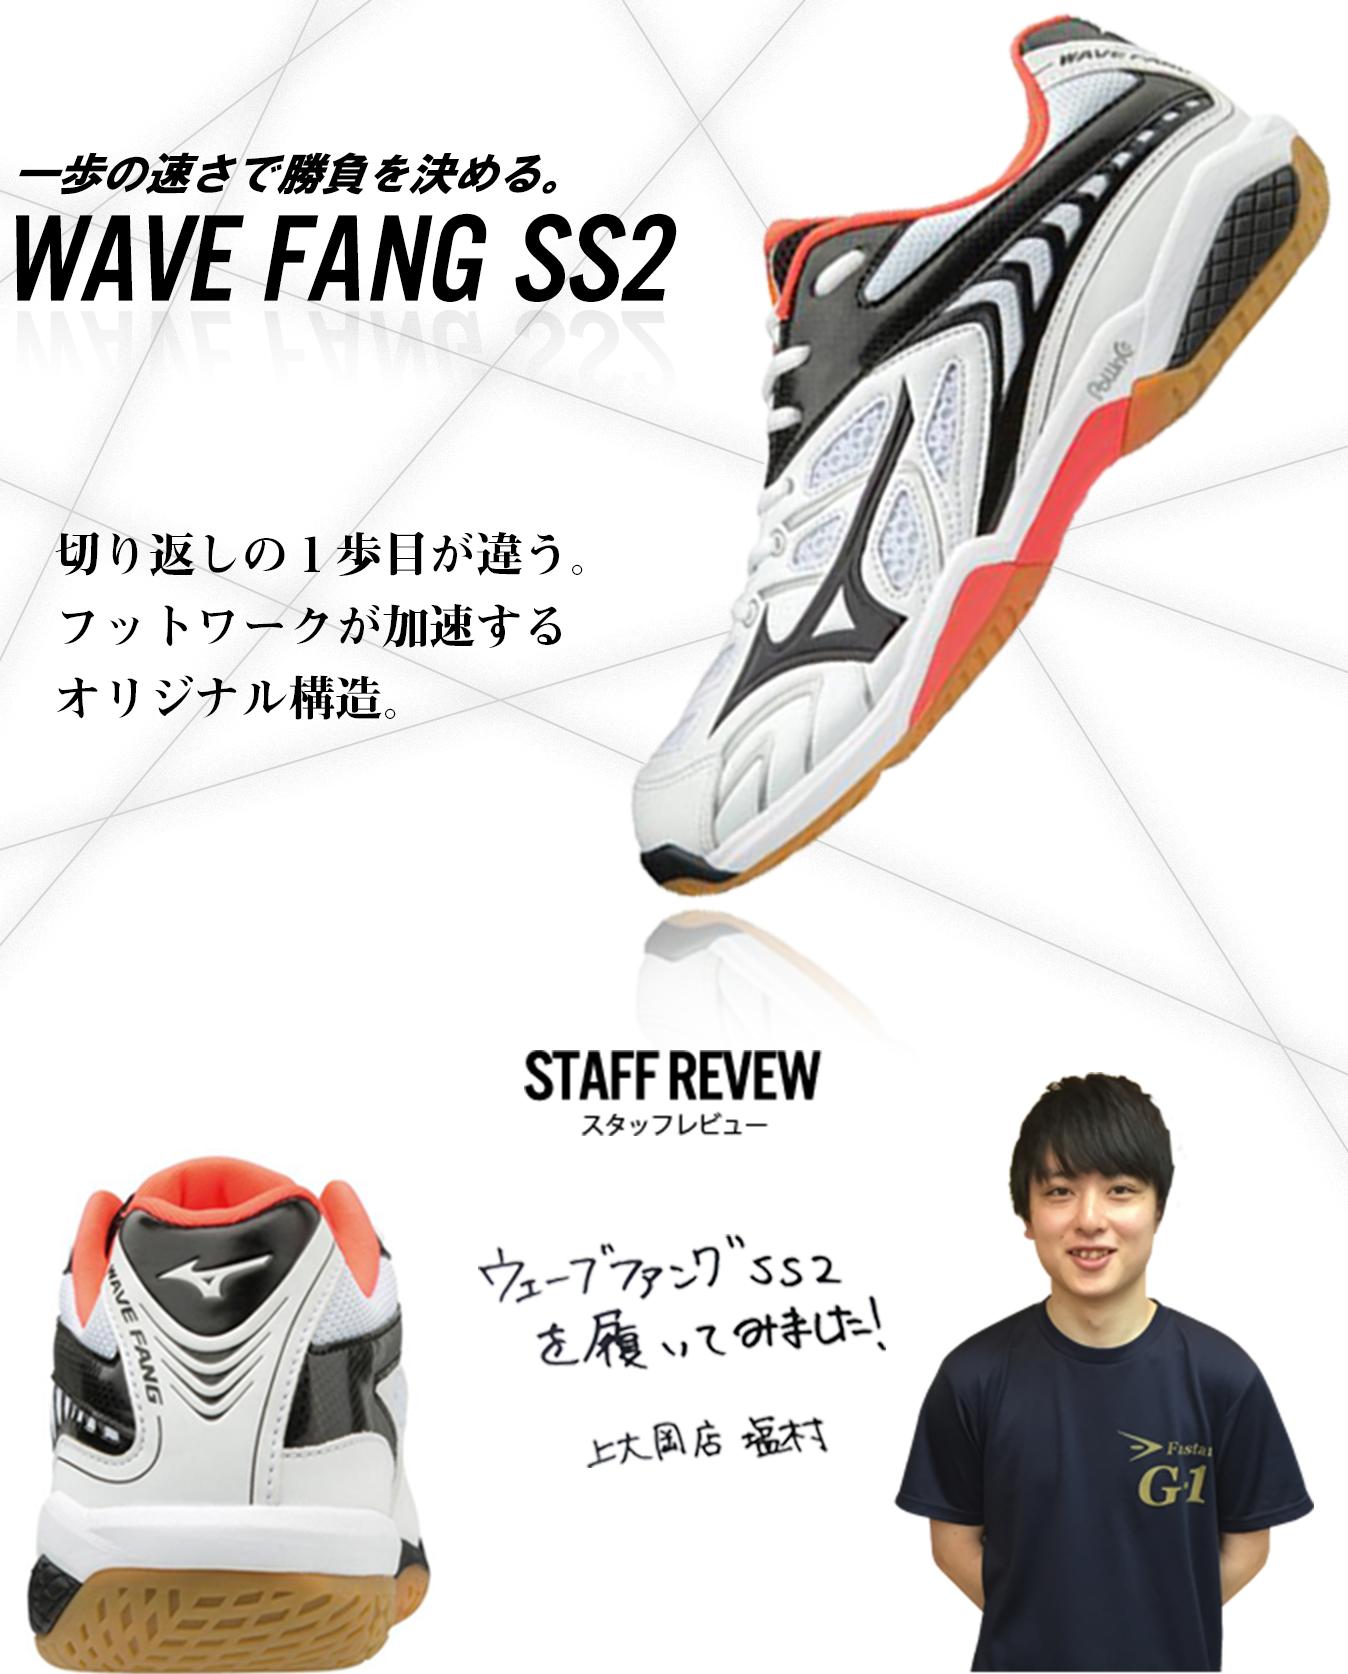 一歩の速さで勝負を決める。WAVE FANG SS2